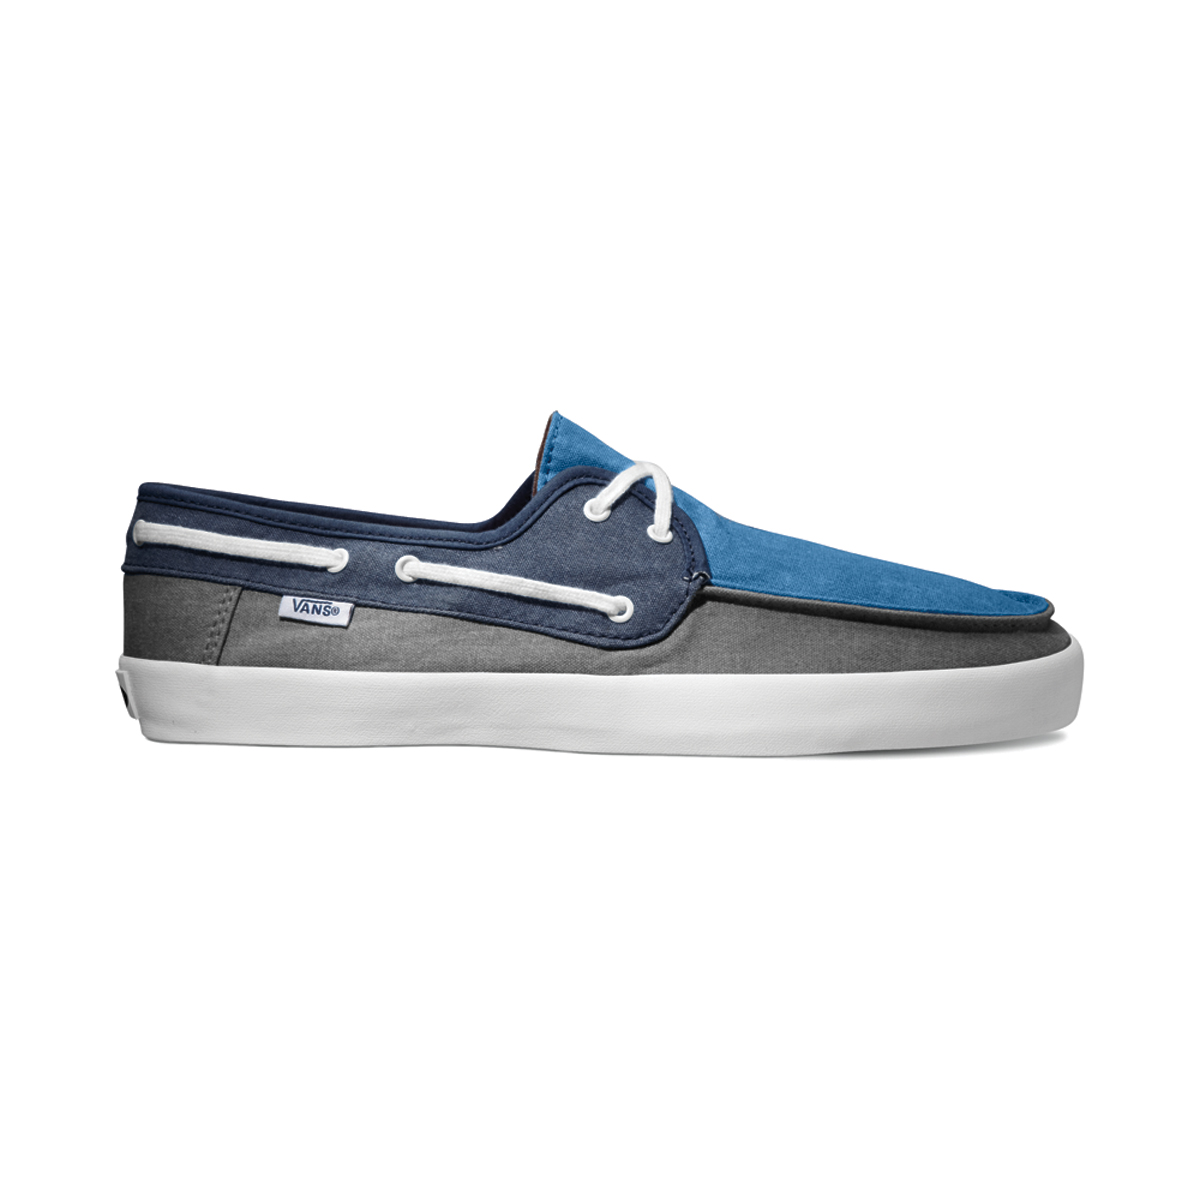 Vans Chauffeur Mens Boat Shoes